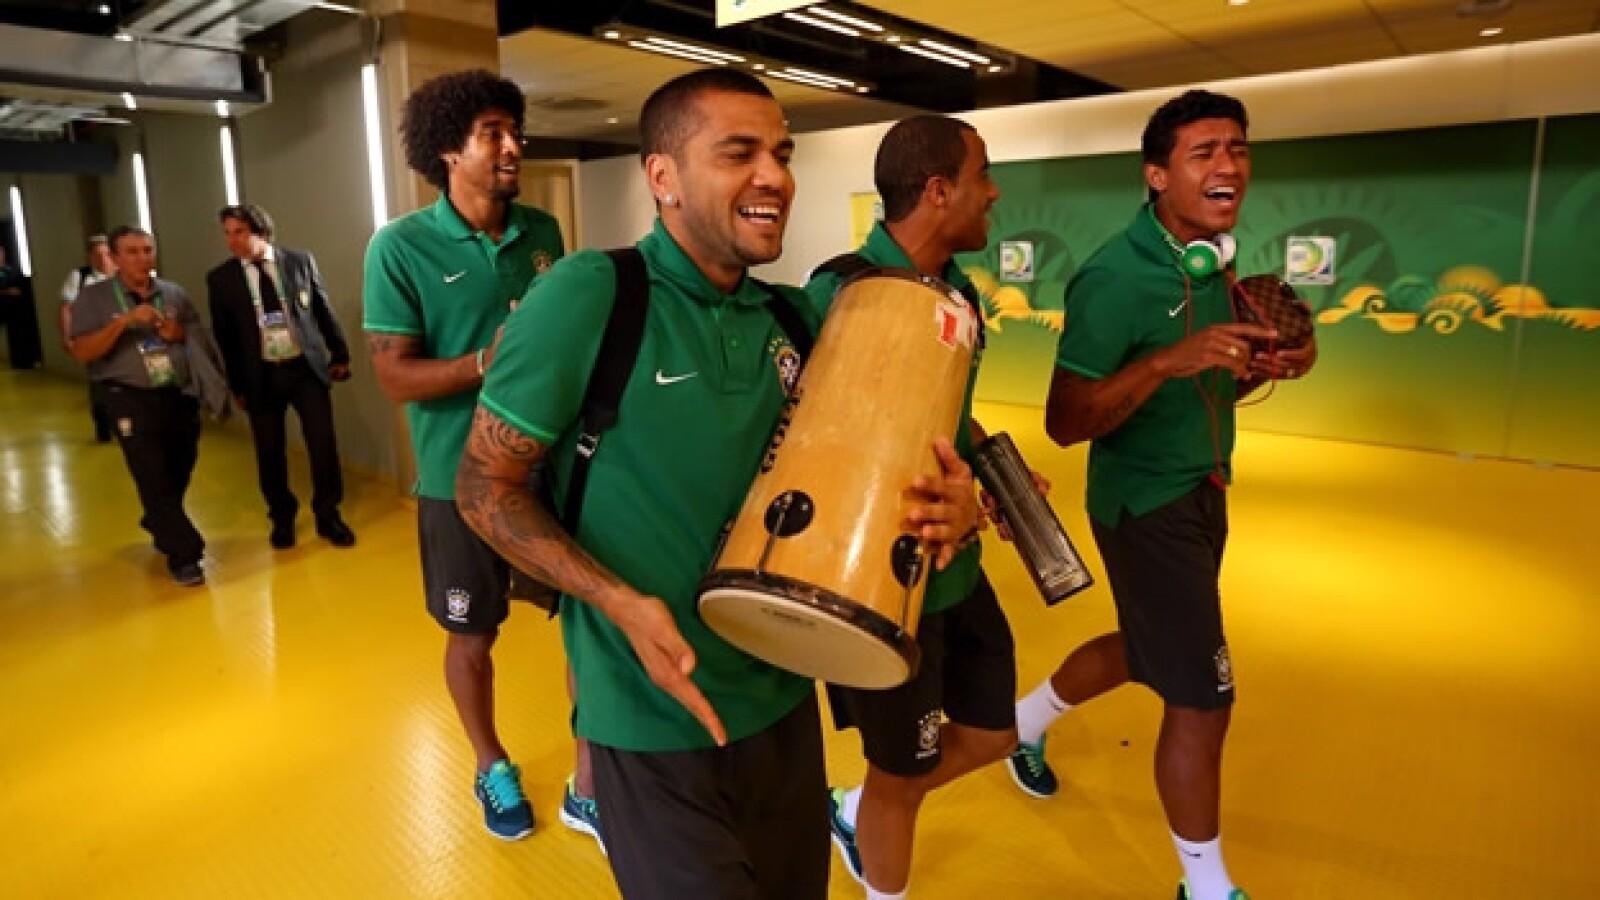 Brasil vs. Uruguay 2